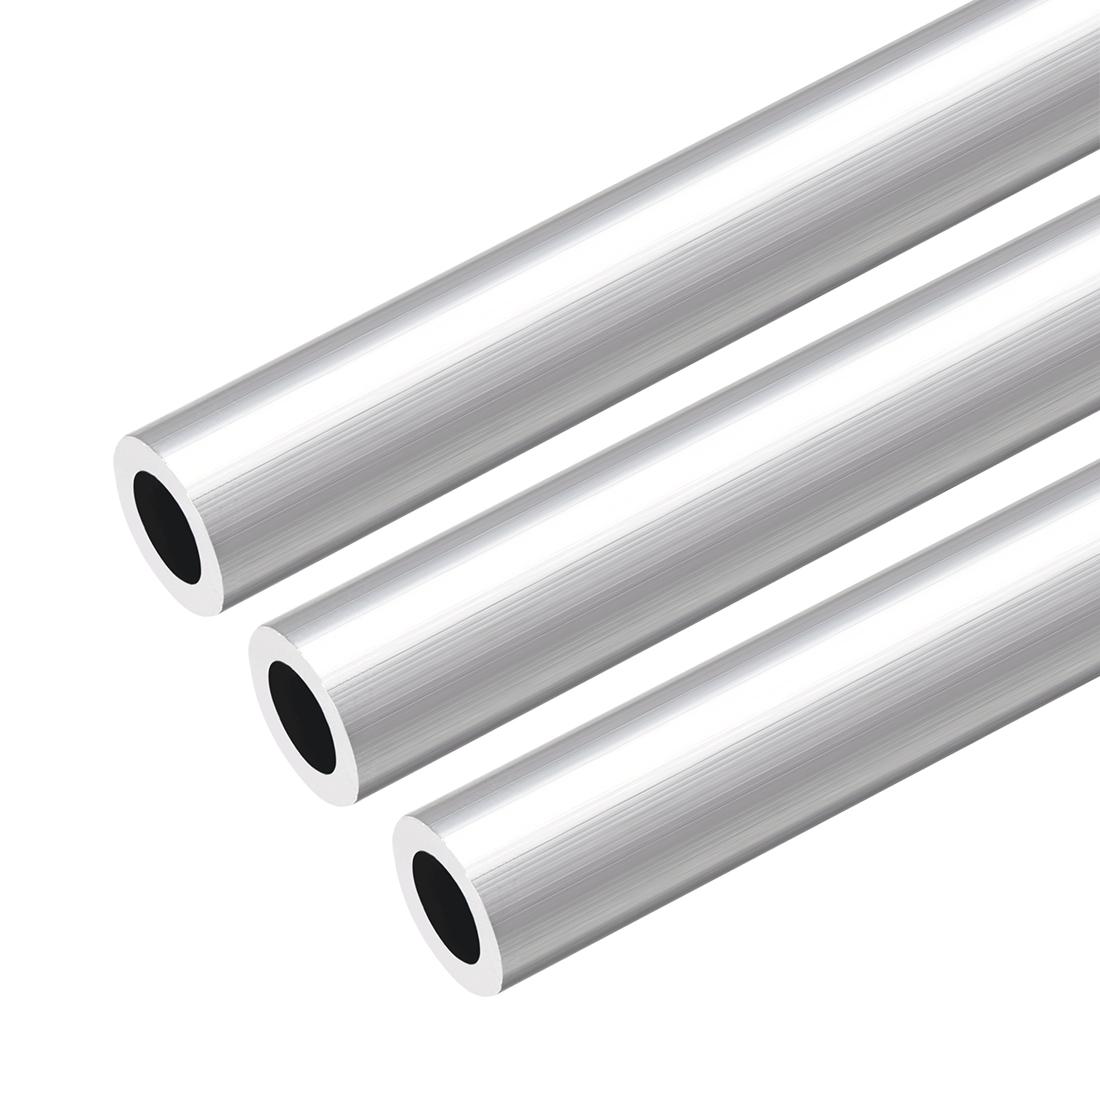 6063 Aluminum Round Tube 300mm Length 16mm OD 10mm Inner Dia Seamless Tube 3 Pcs